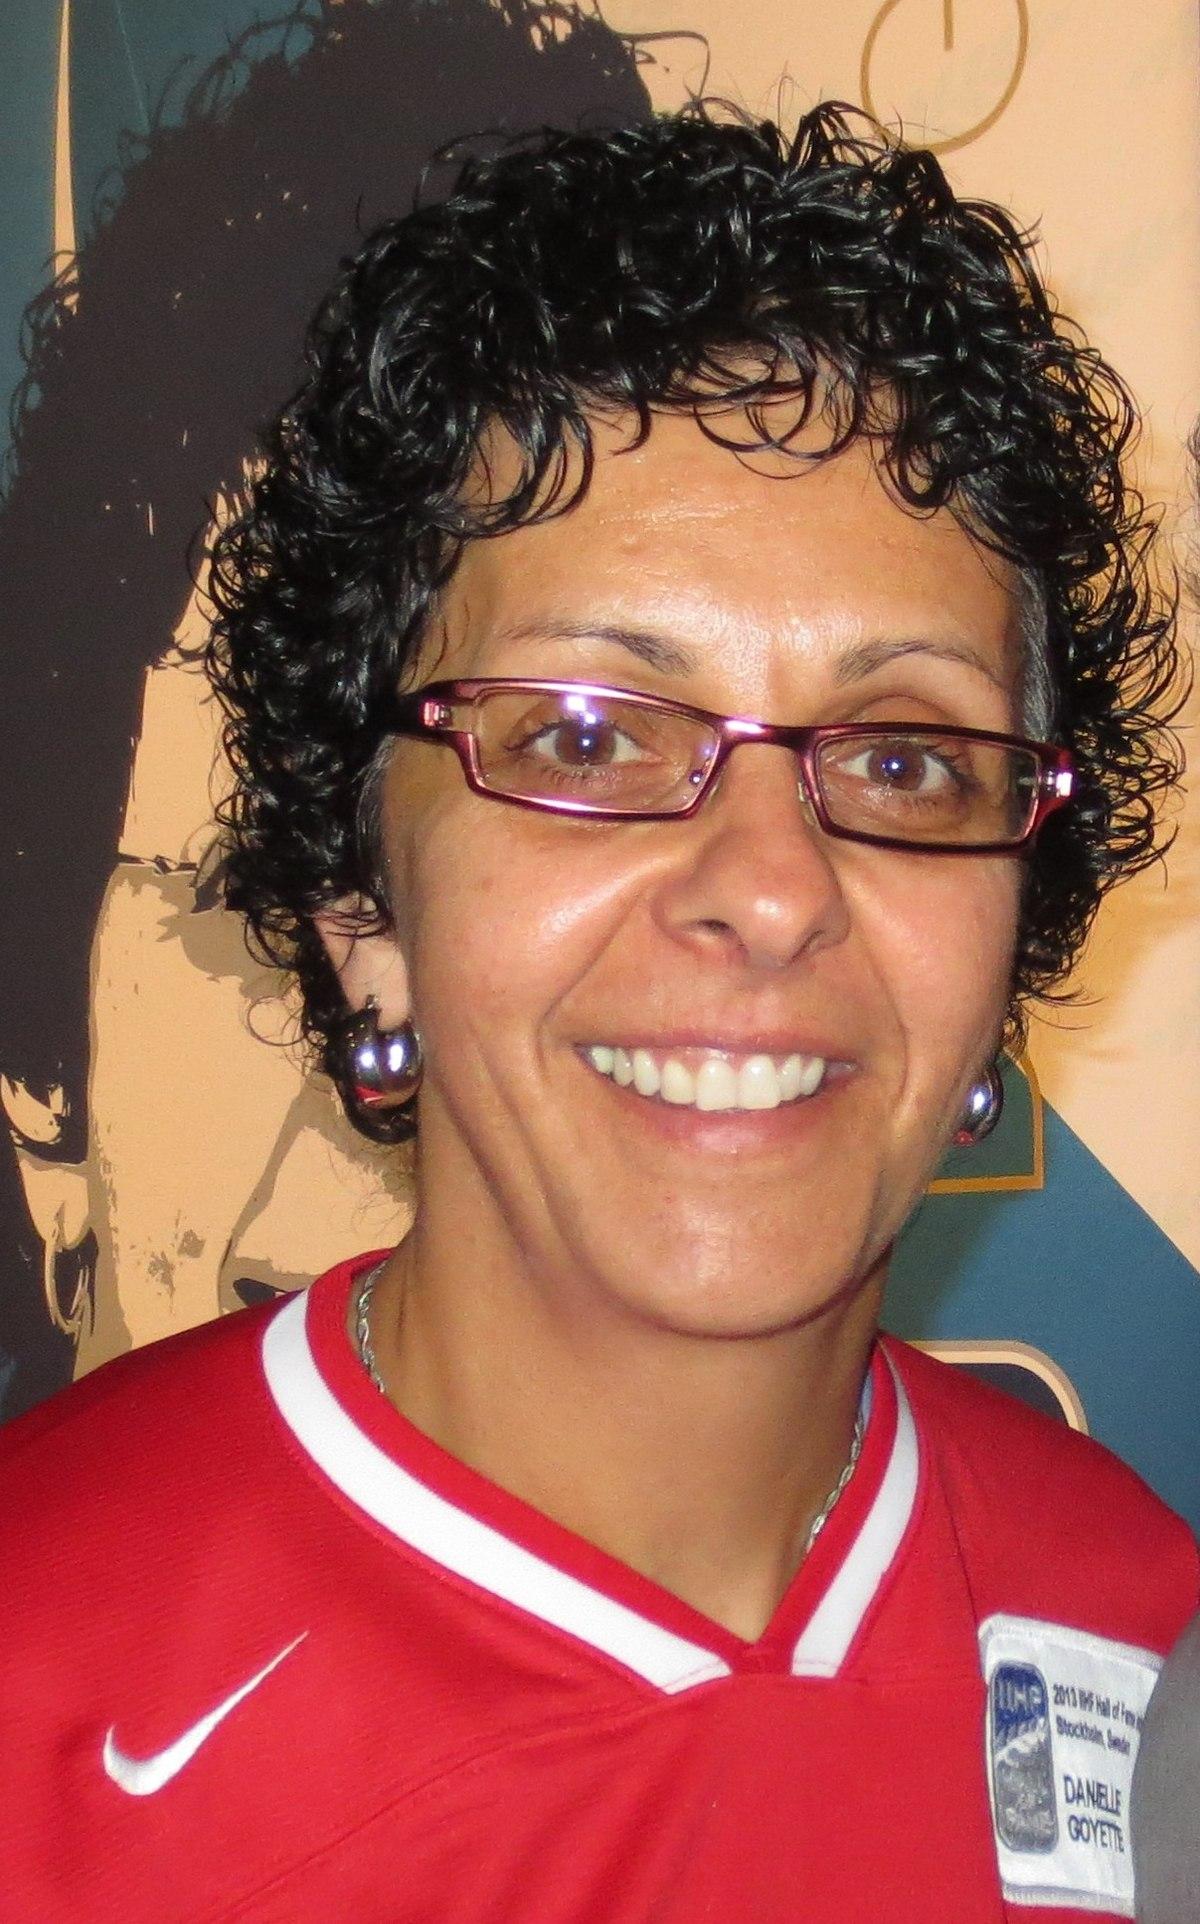 Danielle Goyette